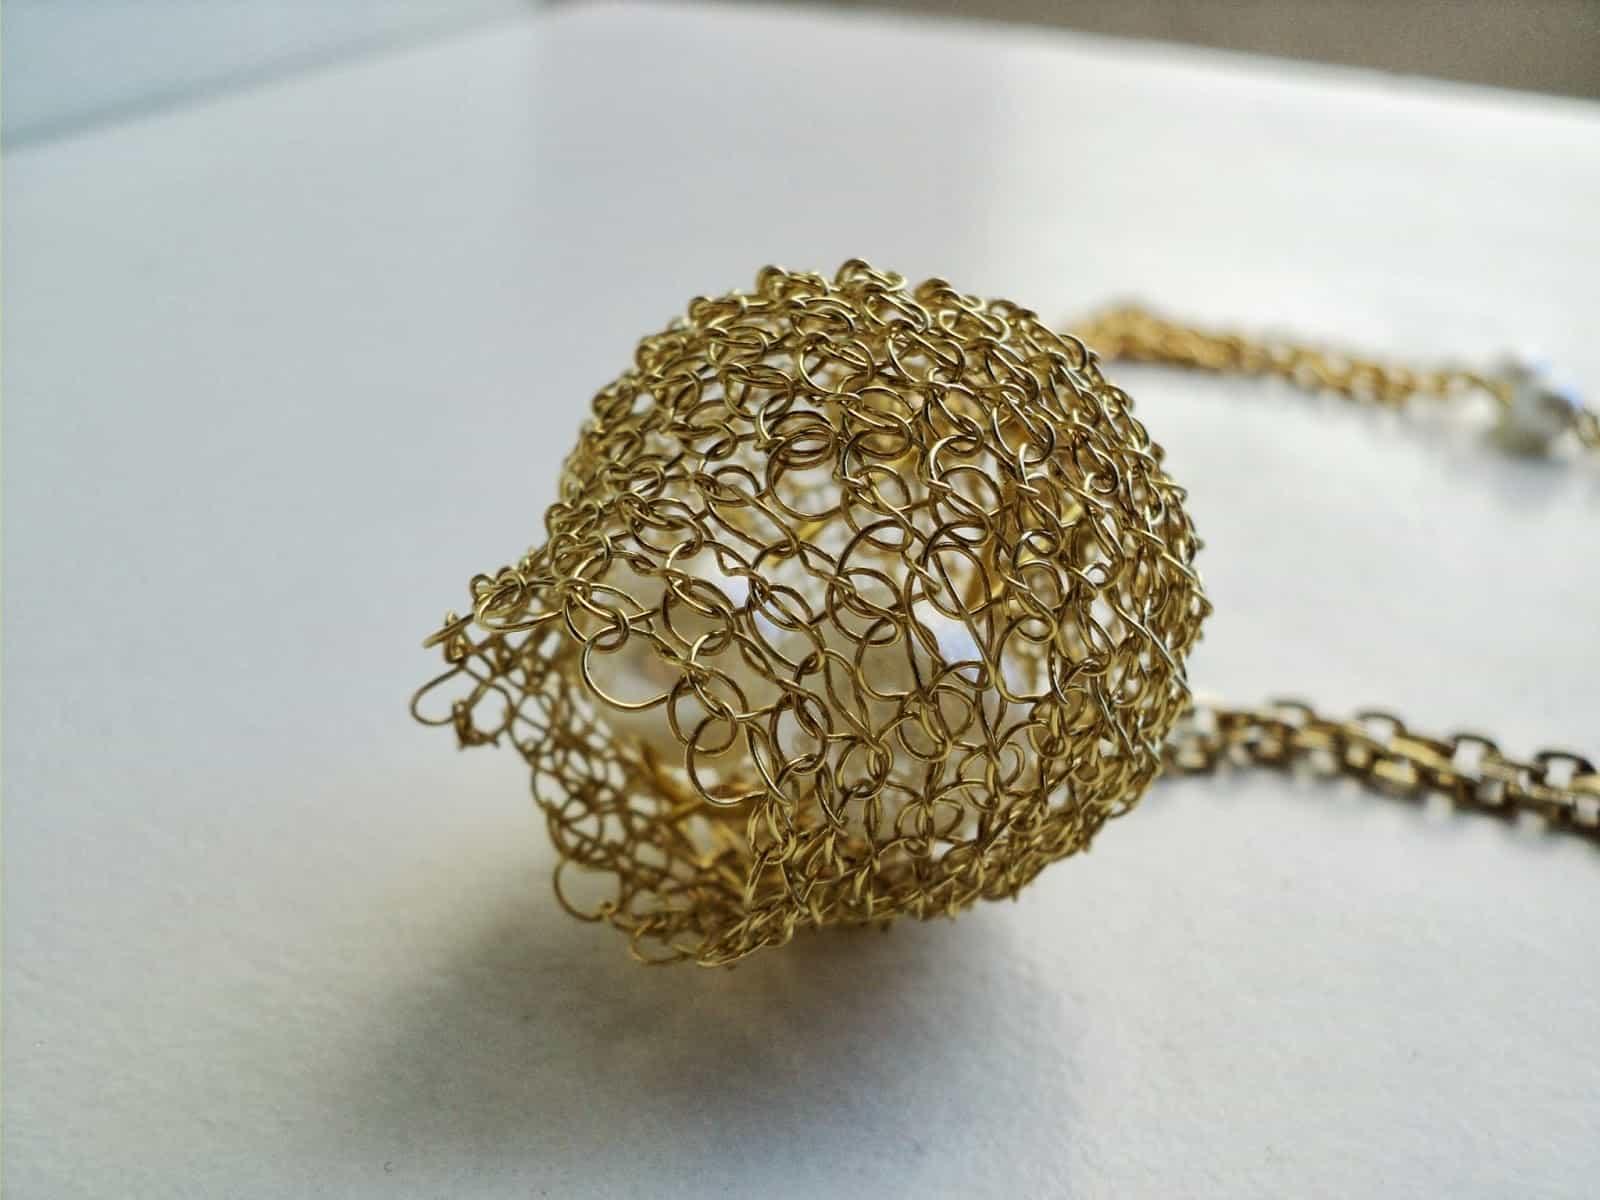 colgante de alambre de oro pajaro tejedor weaver dos